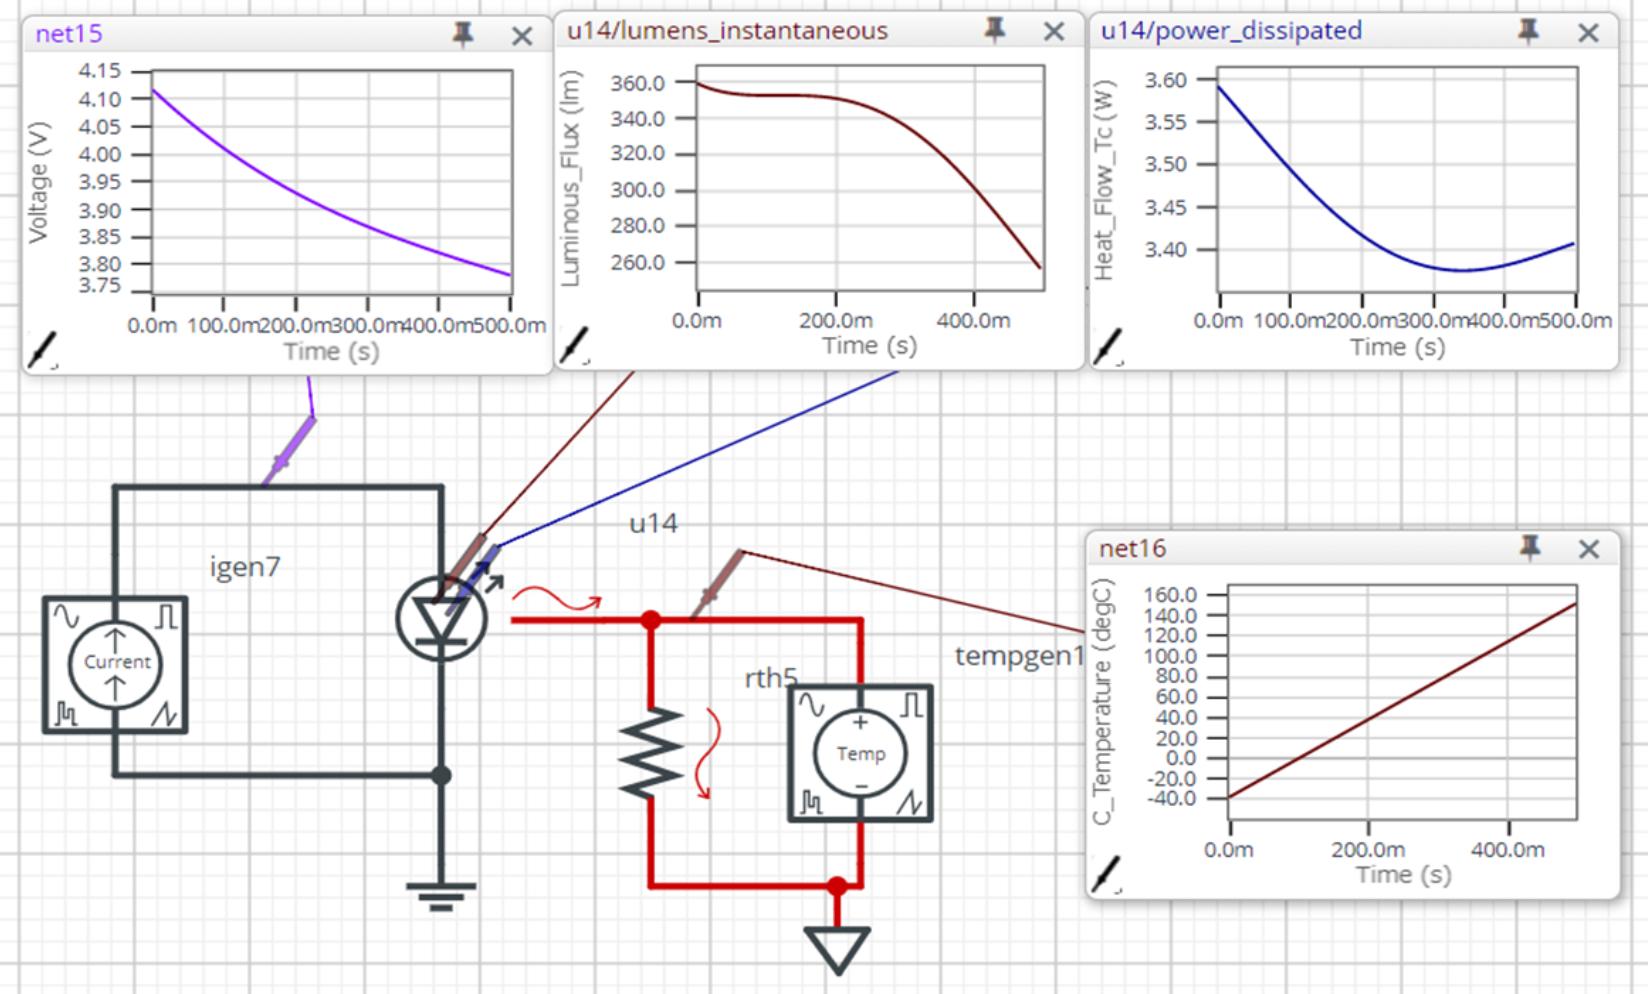 図1 LEDに外部から温度変化を入力した際の特性変動をモデリングした例